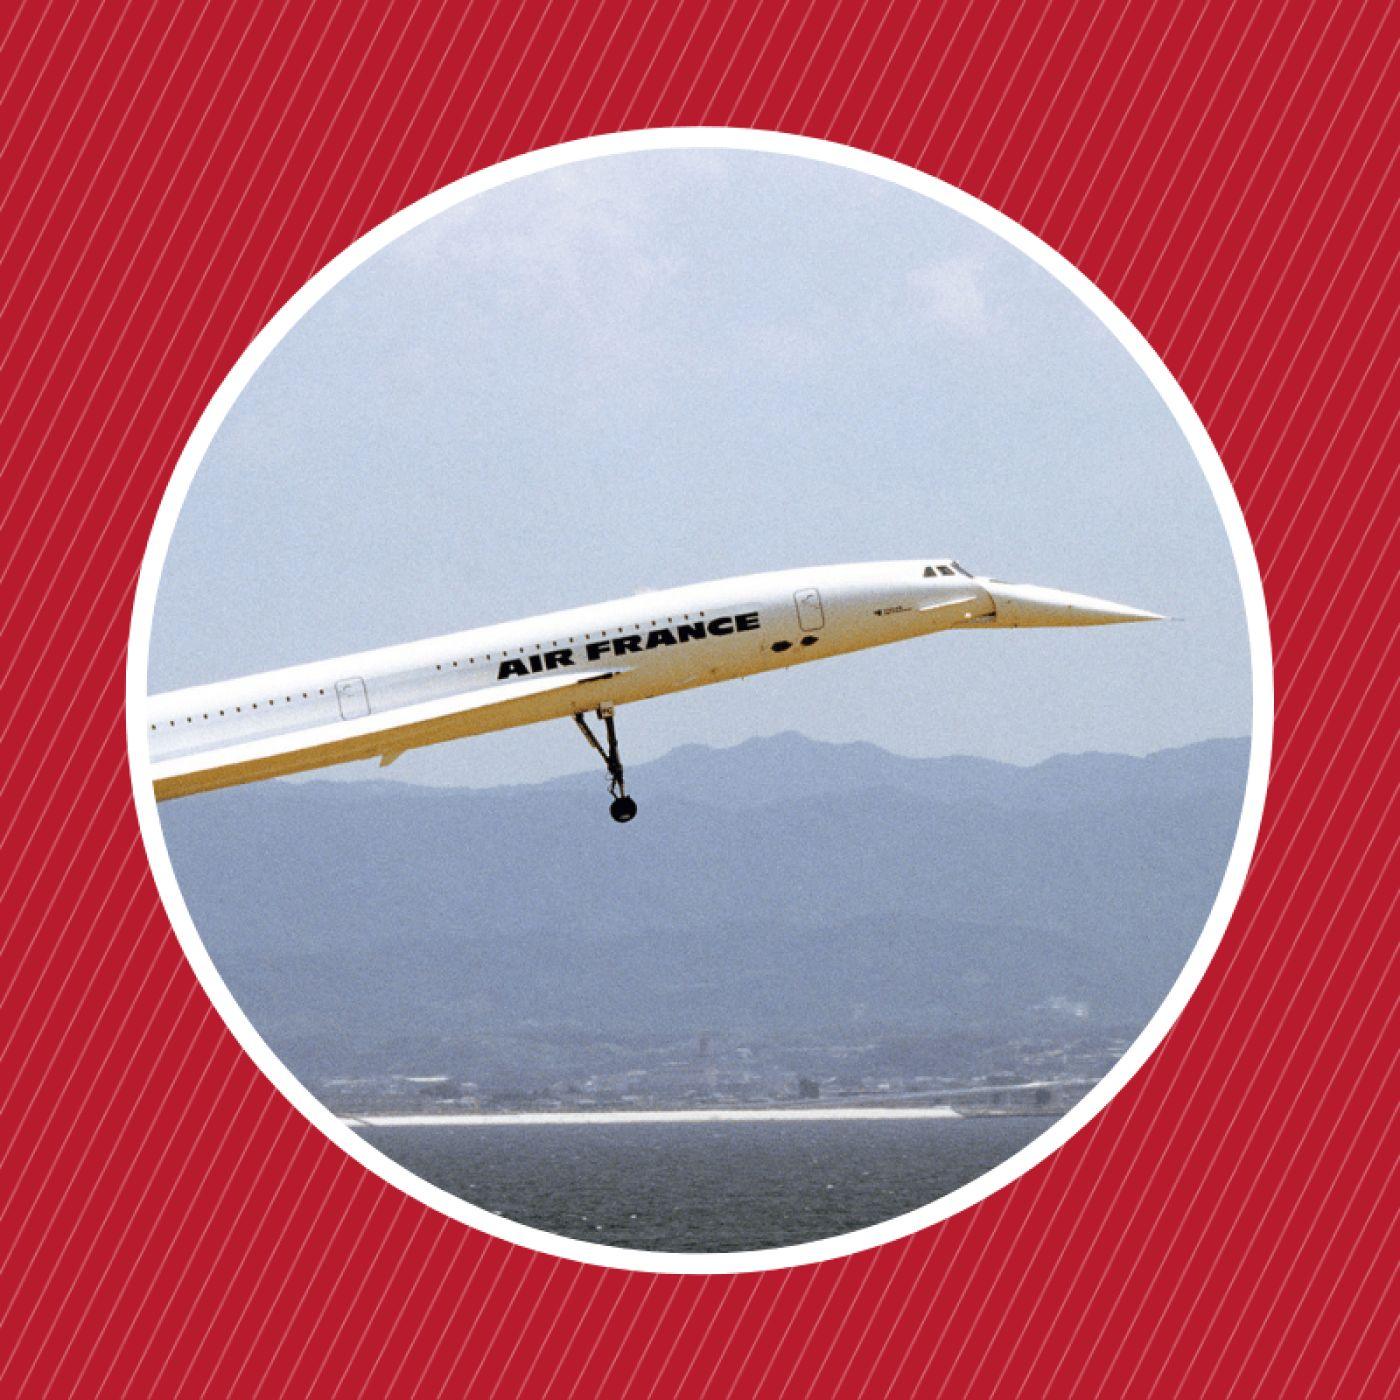 1969 : Le Concorde, un avion mythique